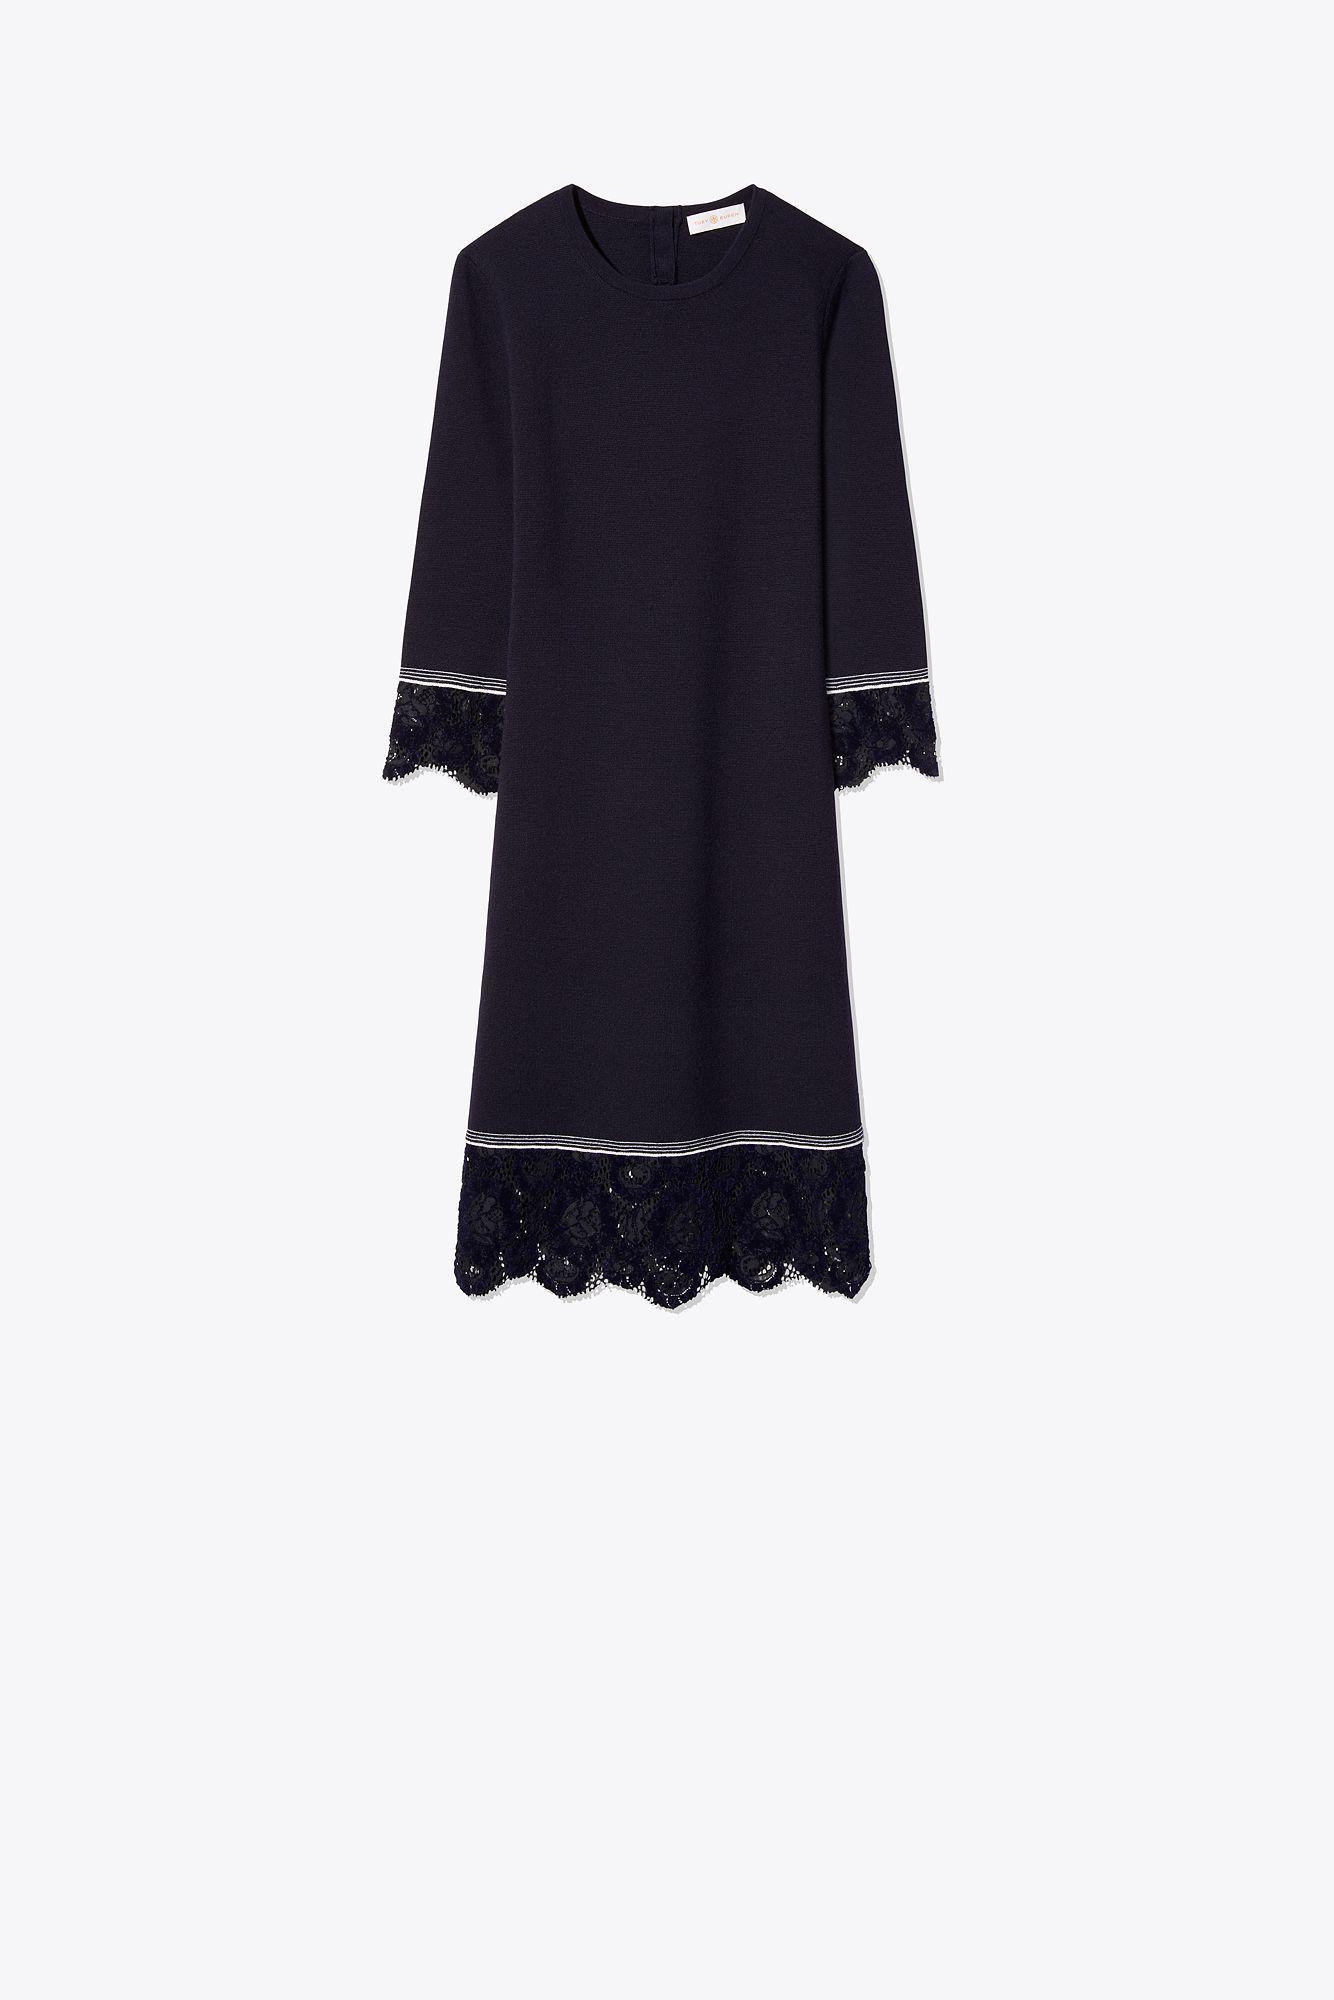 156a851b53e Tory Burch Lace-trim Sweater Dress in Blue - Lyst